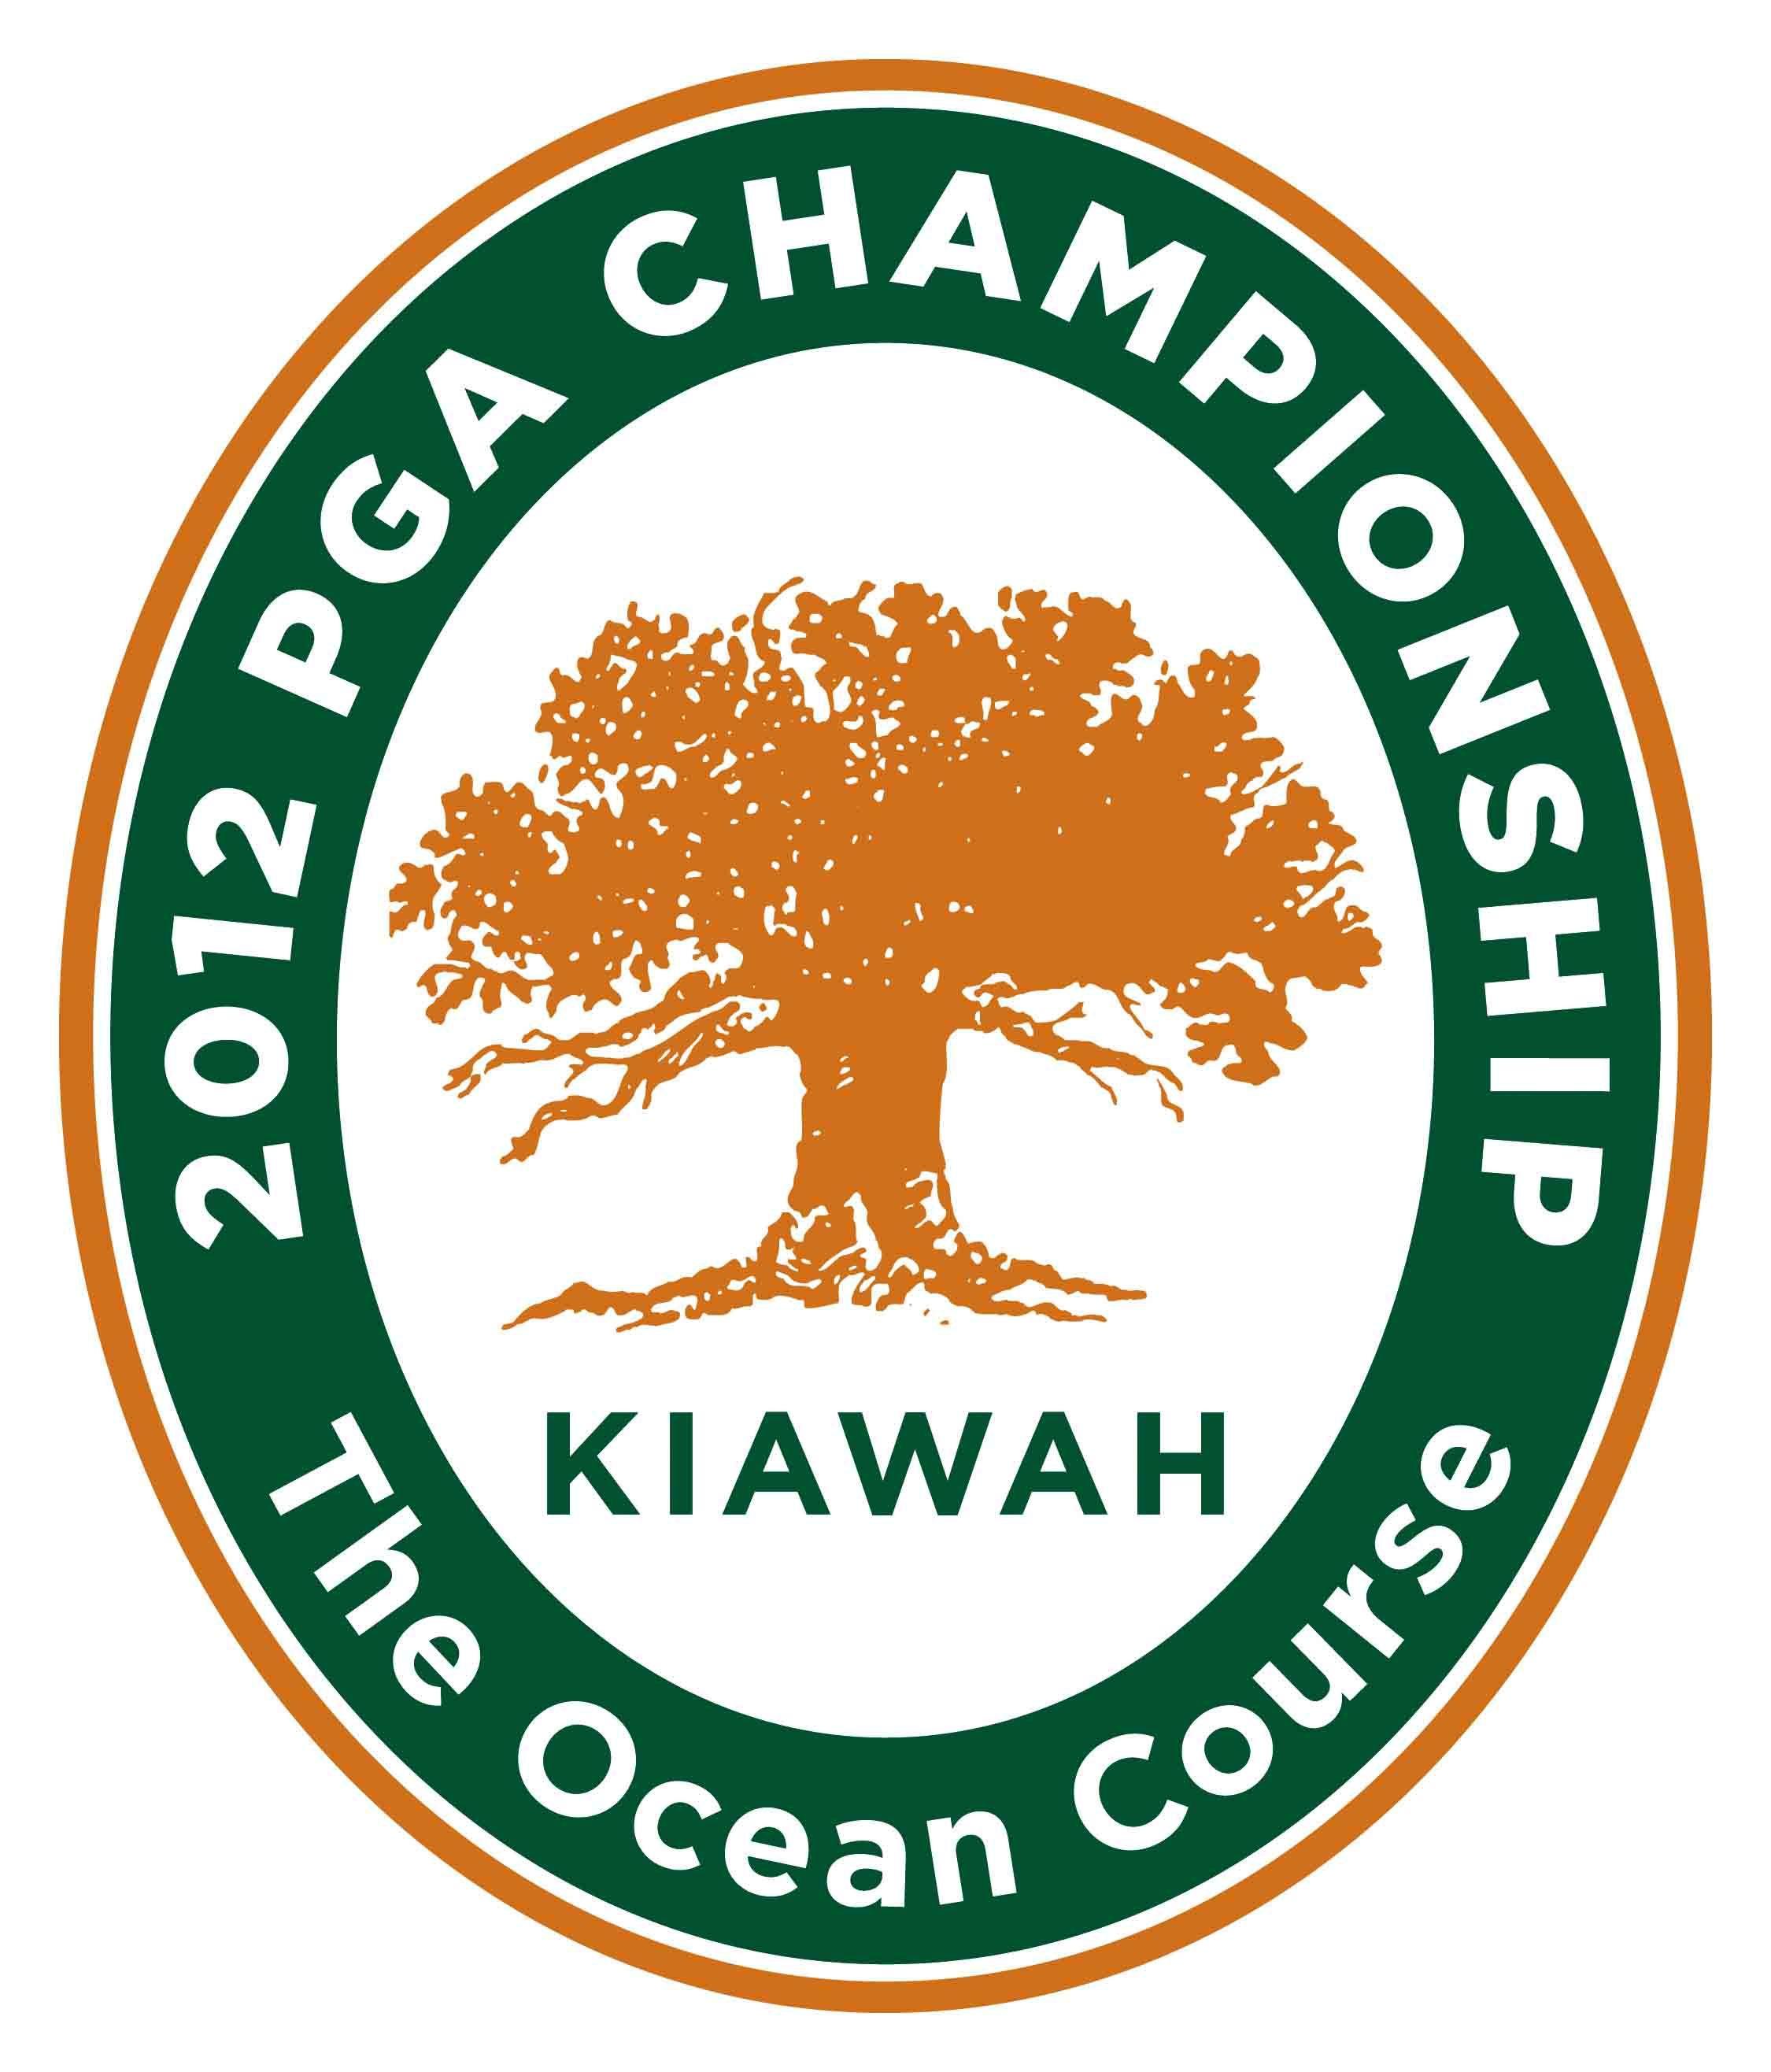 2012 PGA Championship Pga, Kiawah island golf